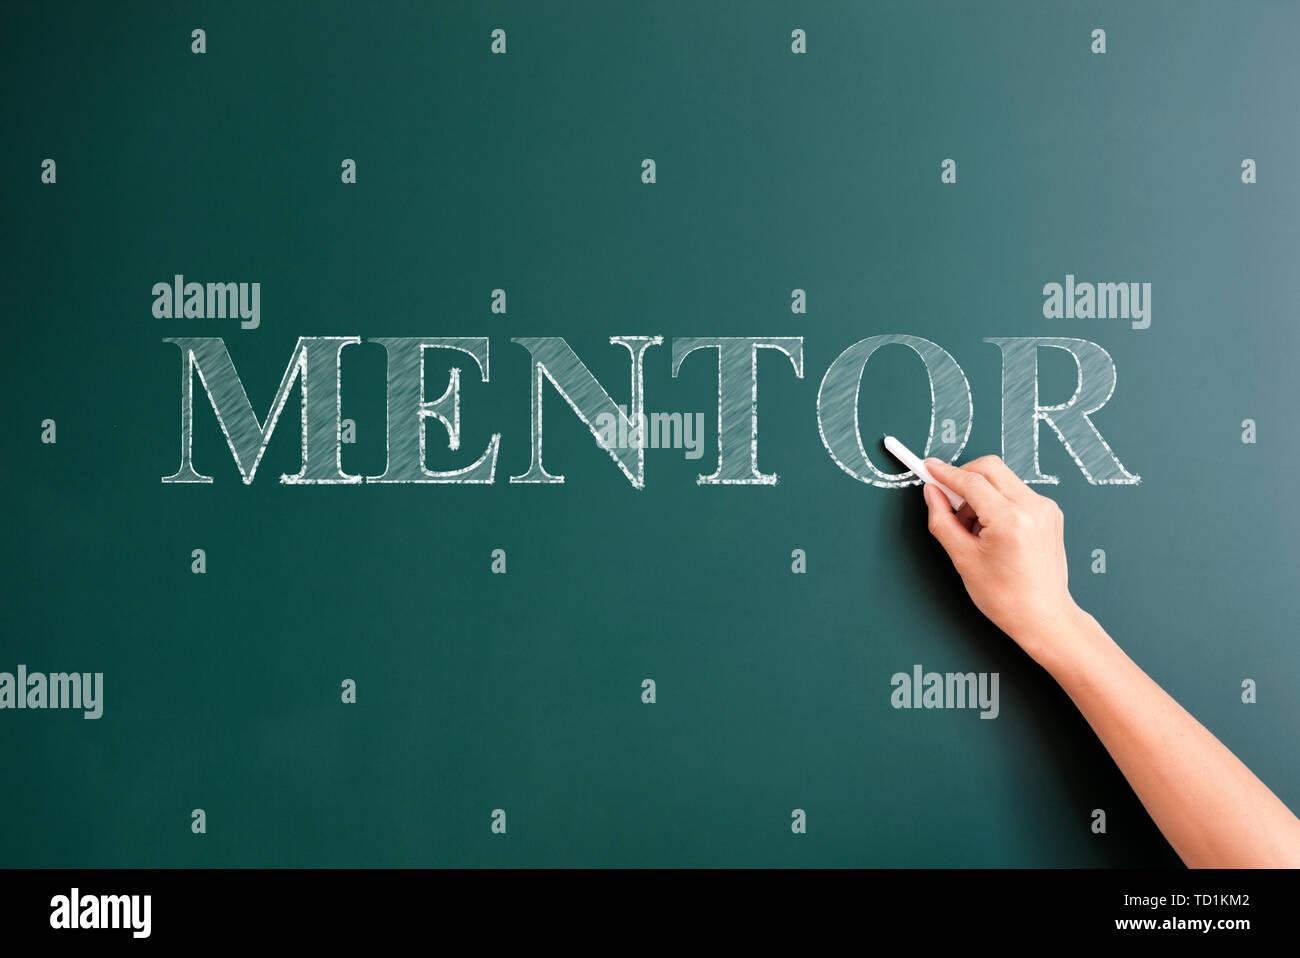 mentor written on blackboard - Stock Image